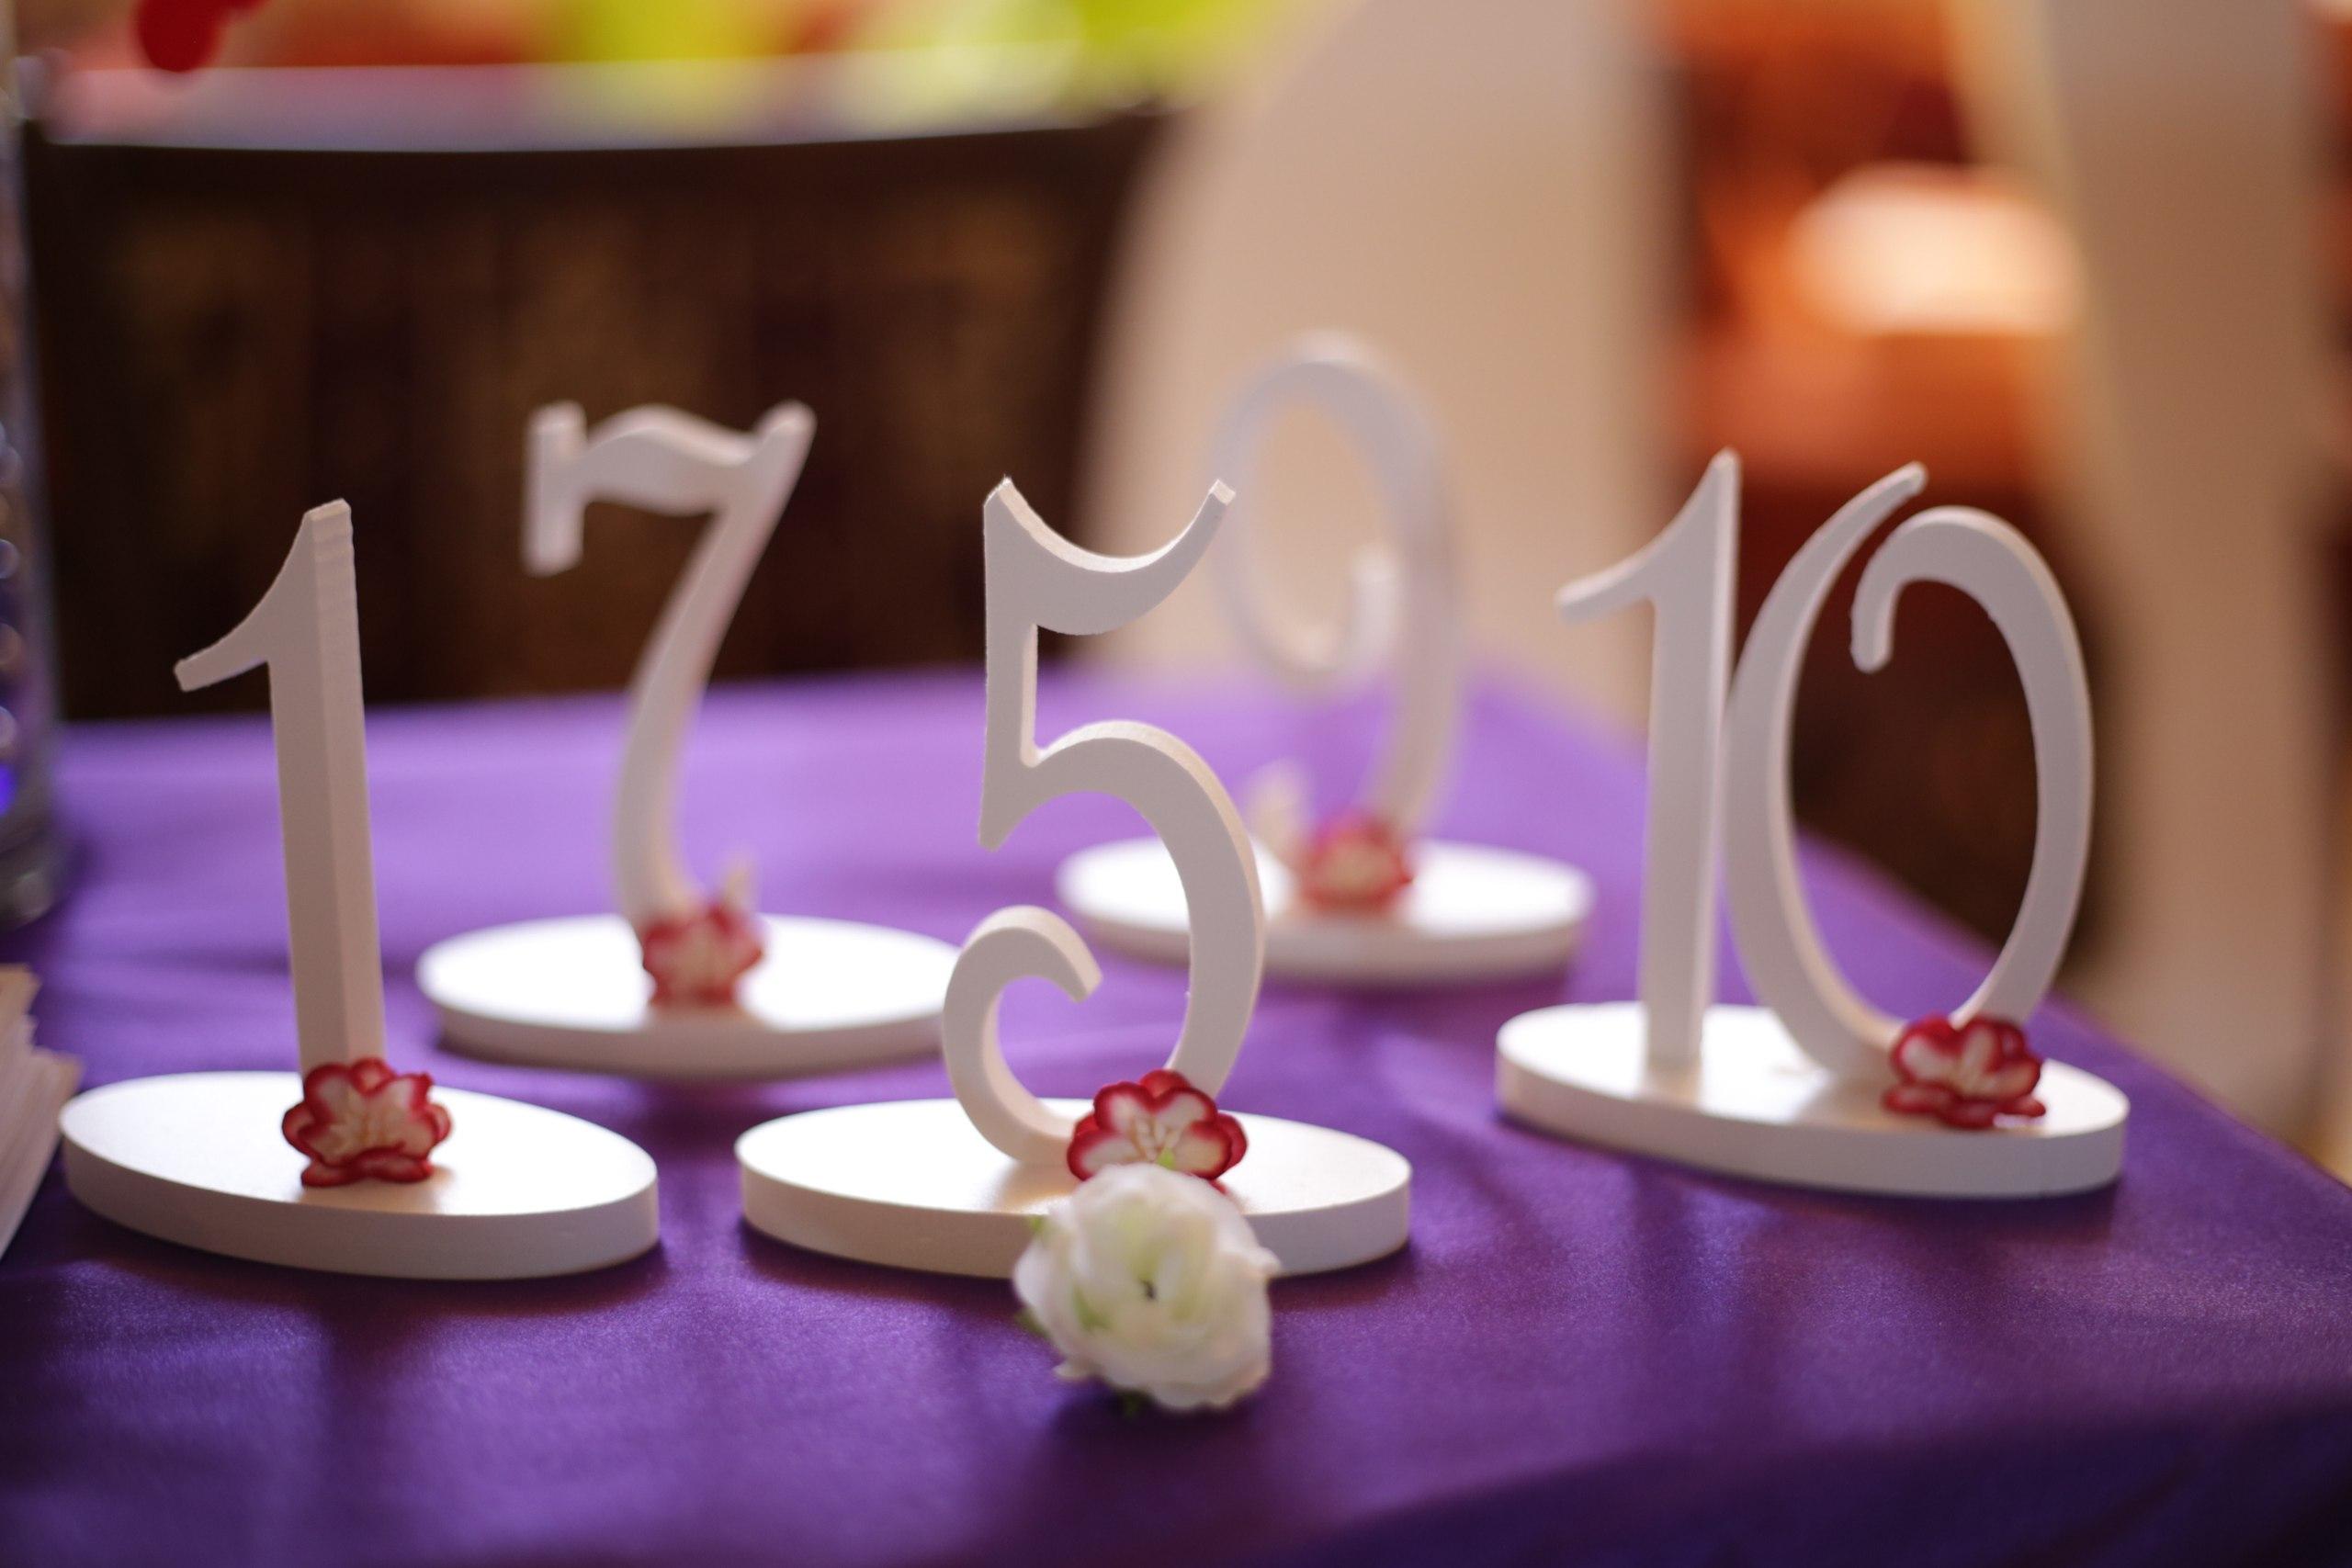 Цифры для свадьбы своими руками